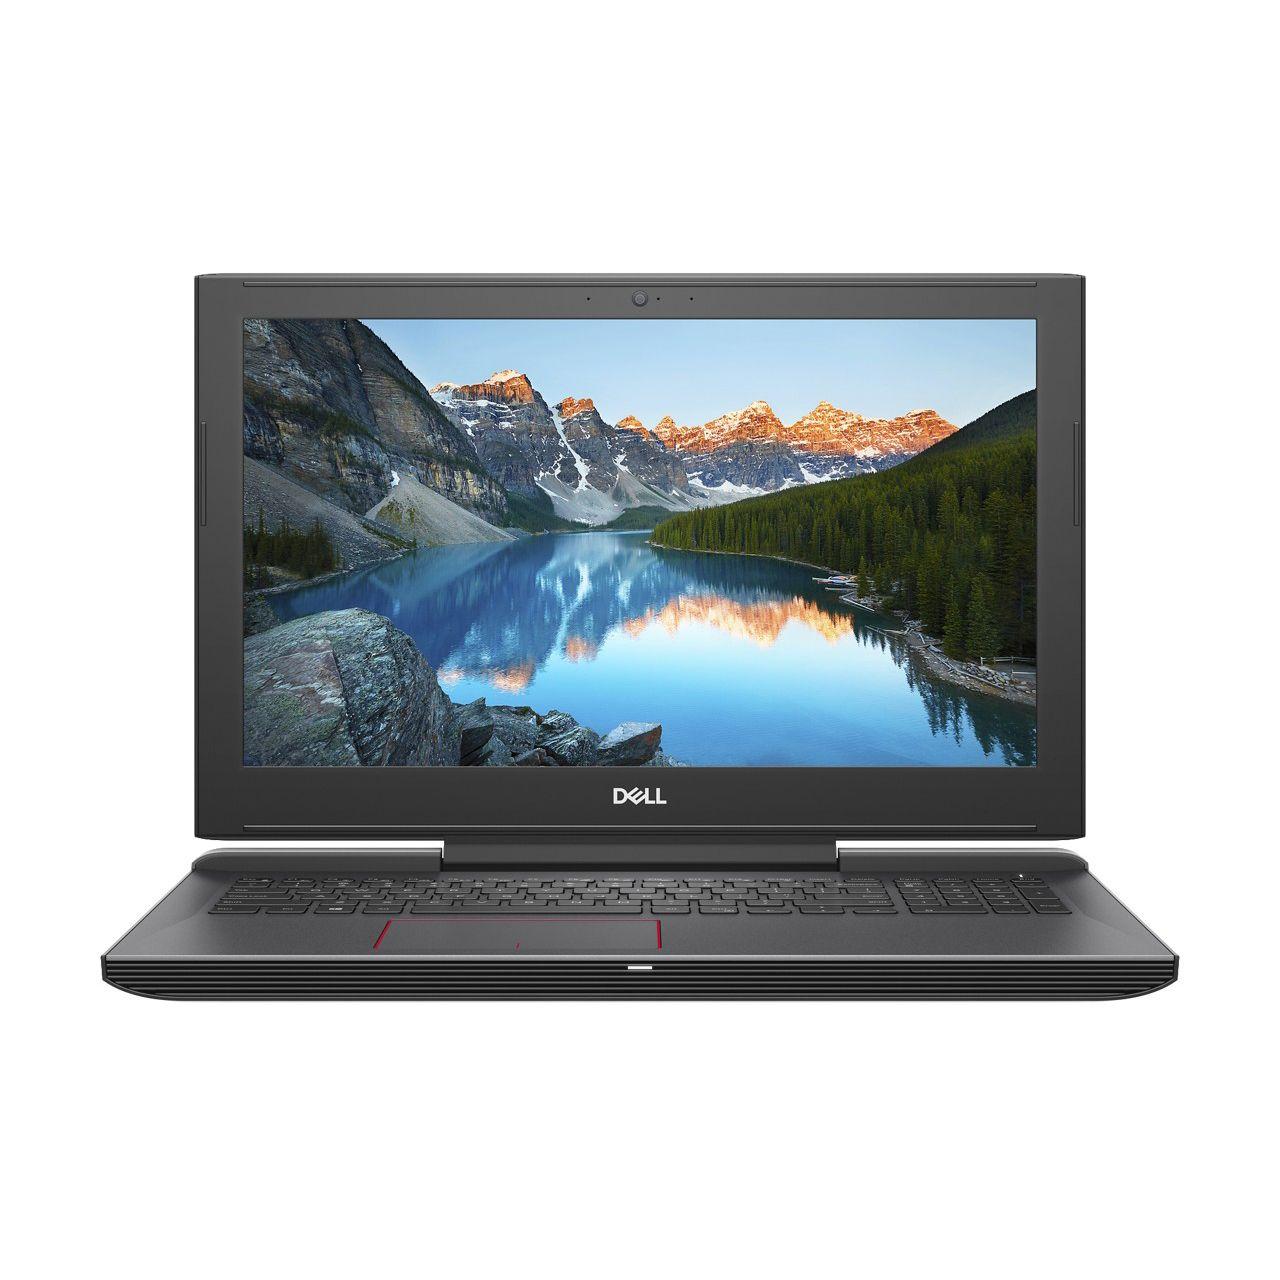 Notebook Dell Inspiron 7577 15.6 Full HD Intel Core i7-7700HQ GTX 1060-6GB RAM 16GB HDD 1TB + SSD 256GB Linux